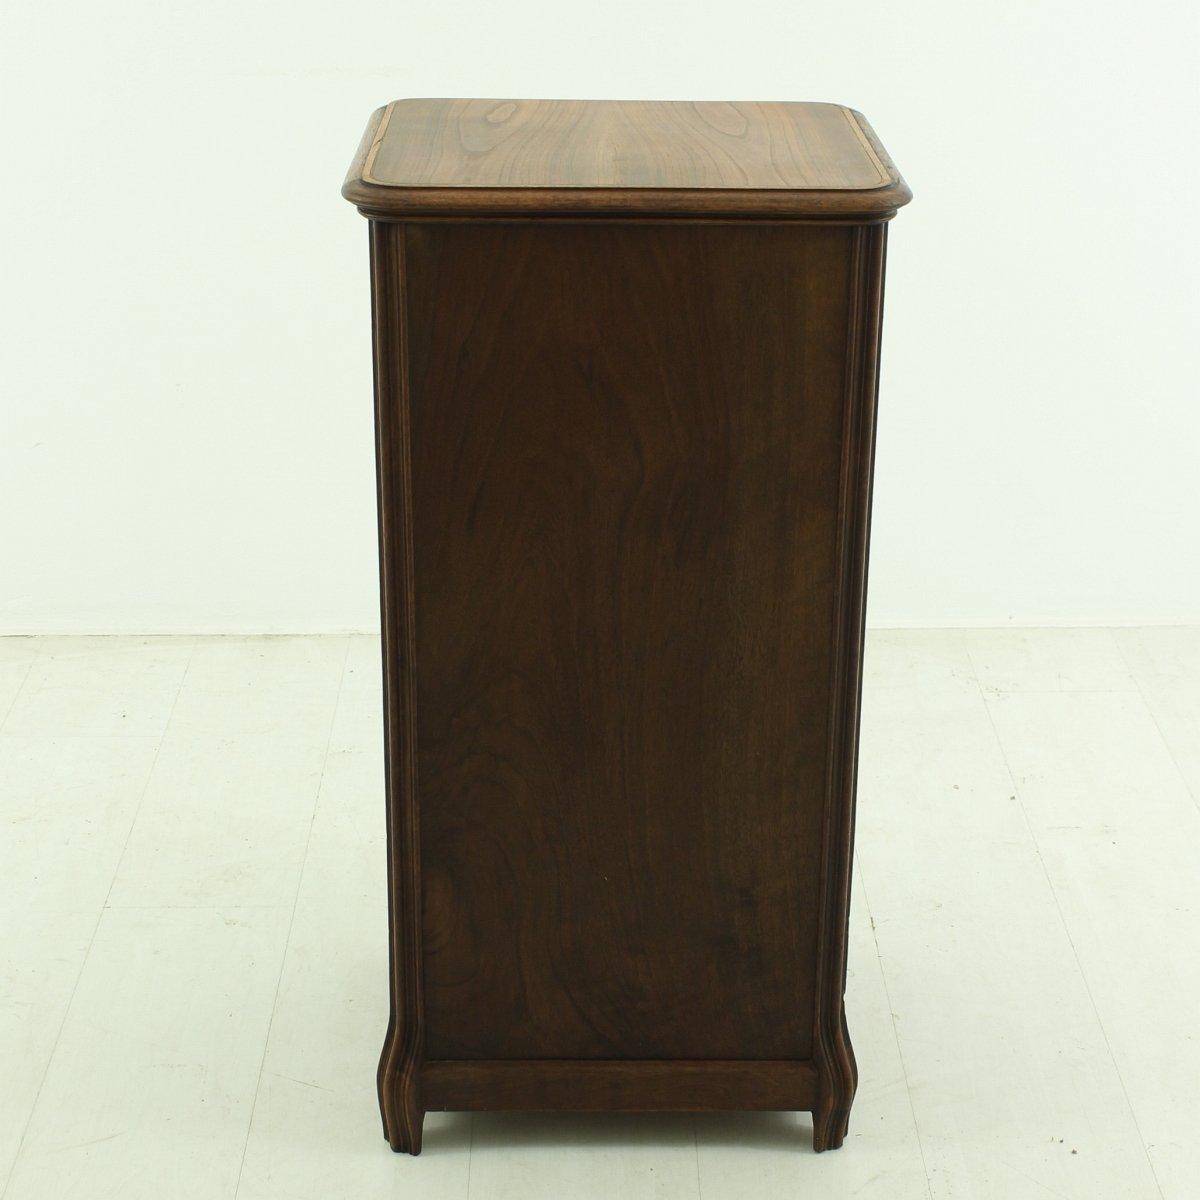 table de chevet antique 1900s en vente sur pamono. Black Bedroom Furniture Sets. Home Design Ideas